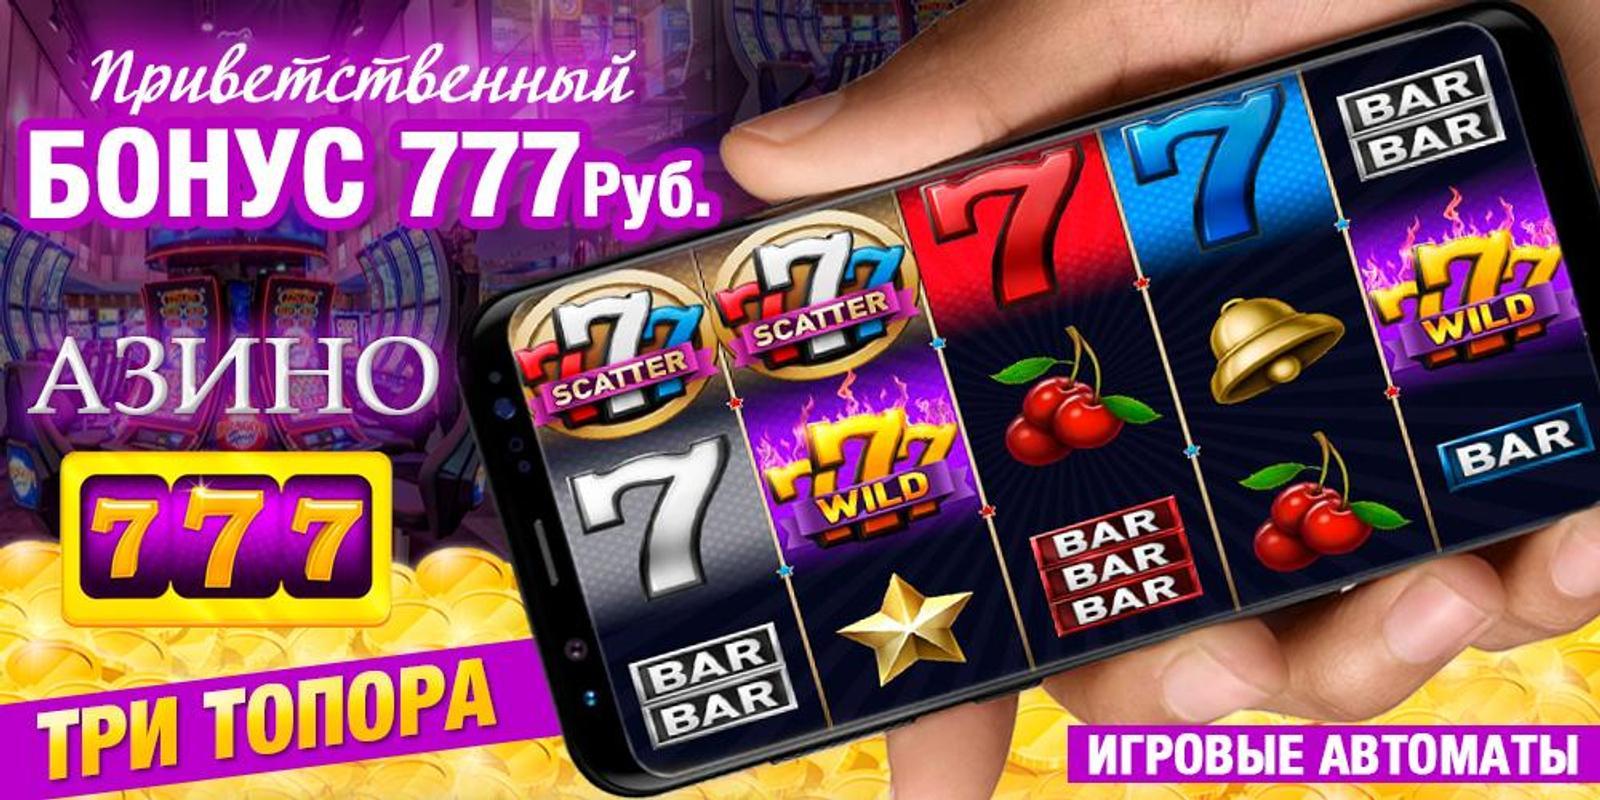 официальный сайт игровые автоматы азино 3 топора